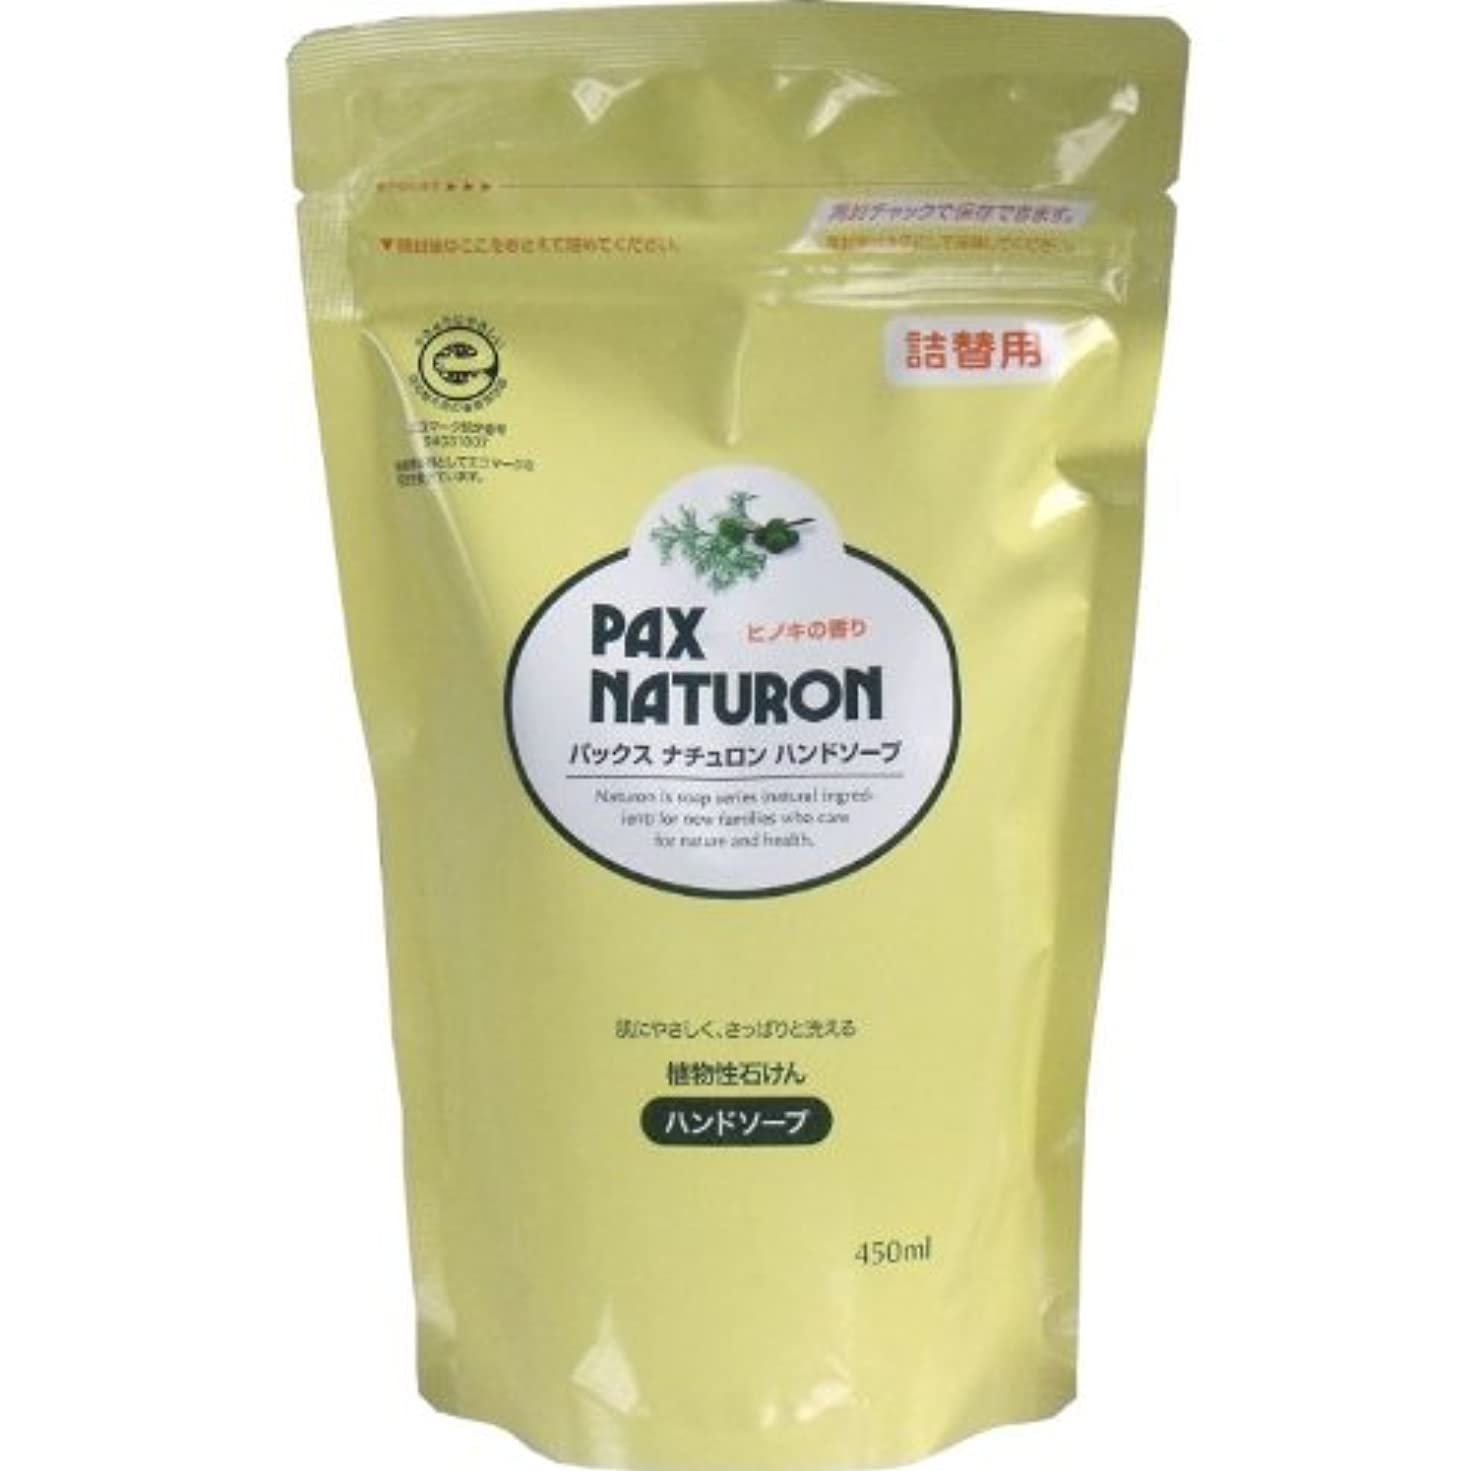 茎配列実行可能肌にやさしく、さっぱりと洗える植物性石けん!植物性ハンドソープ 詰替用 450mL【5個セット】